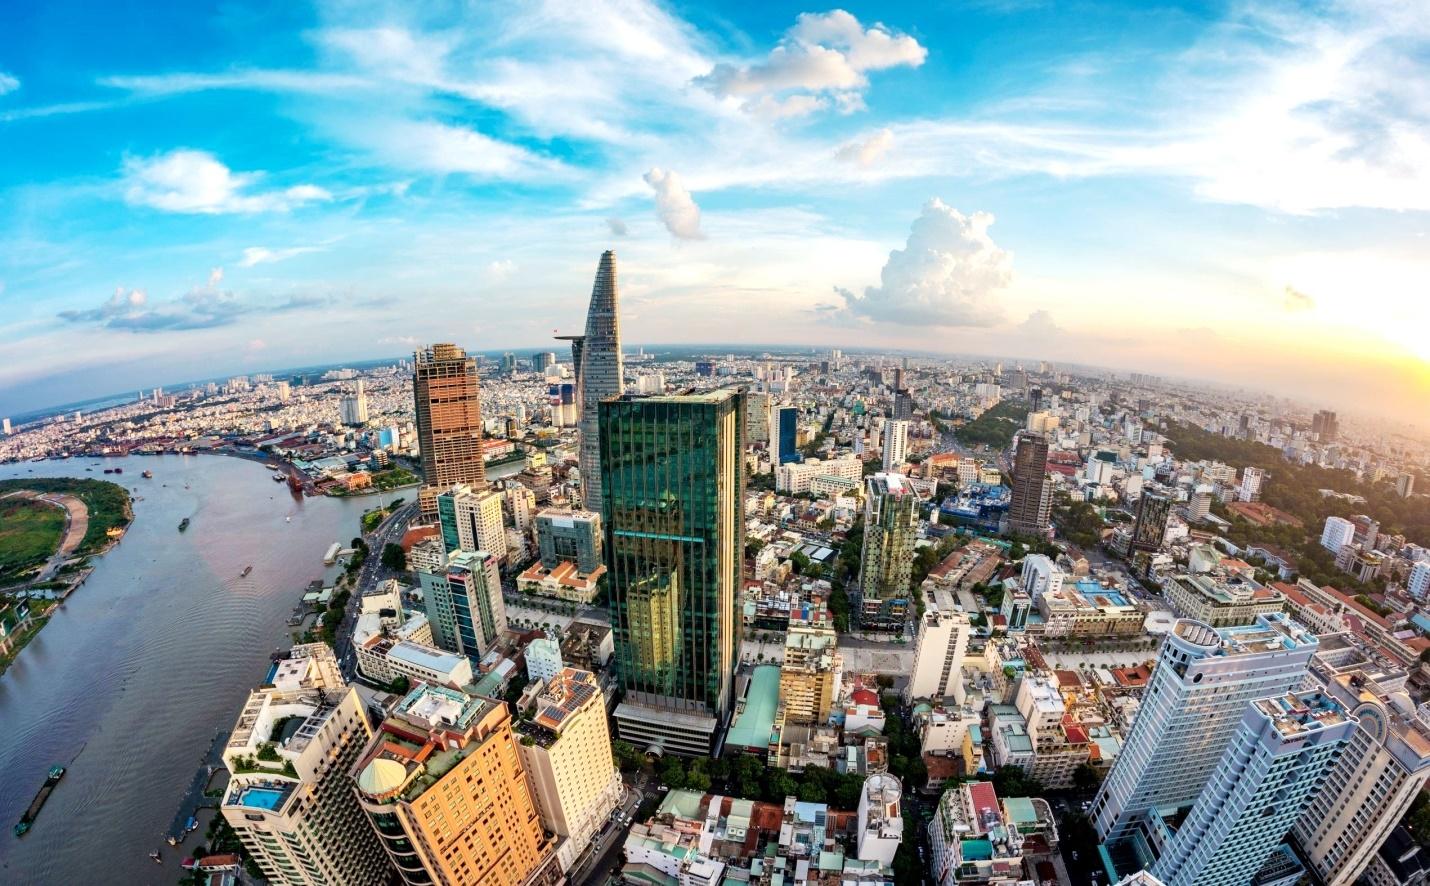 Thành phố Hồ Chí Minh: Tổng mức bán lẻ và doanh thu dịch vụ 5 tháng đạt trên 456 ngàn tỷ đồng